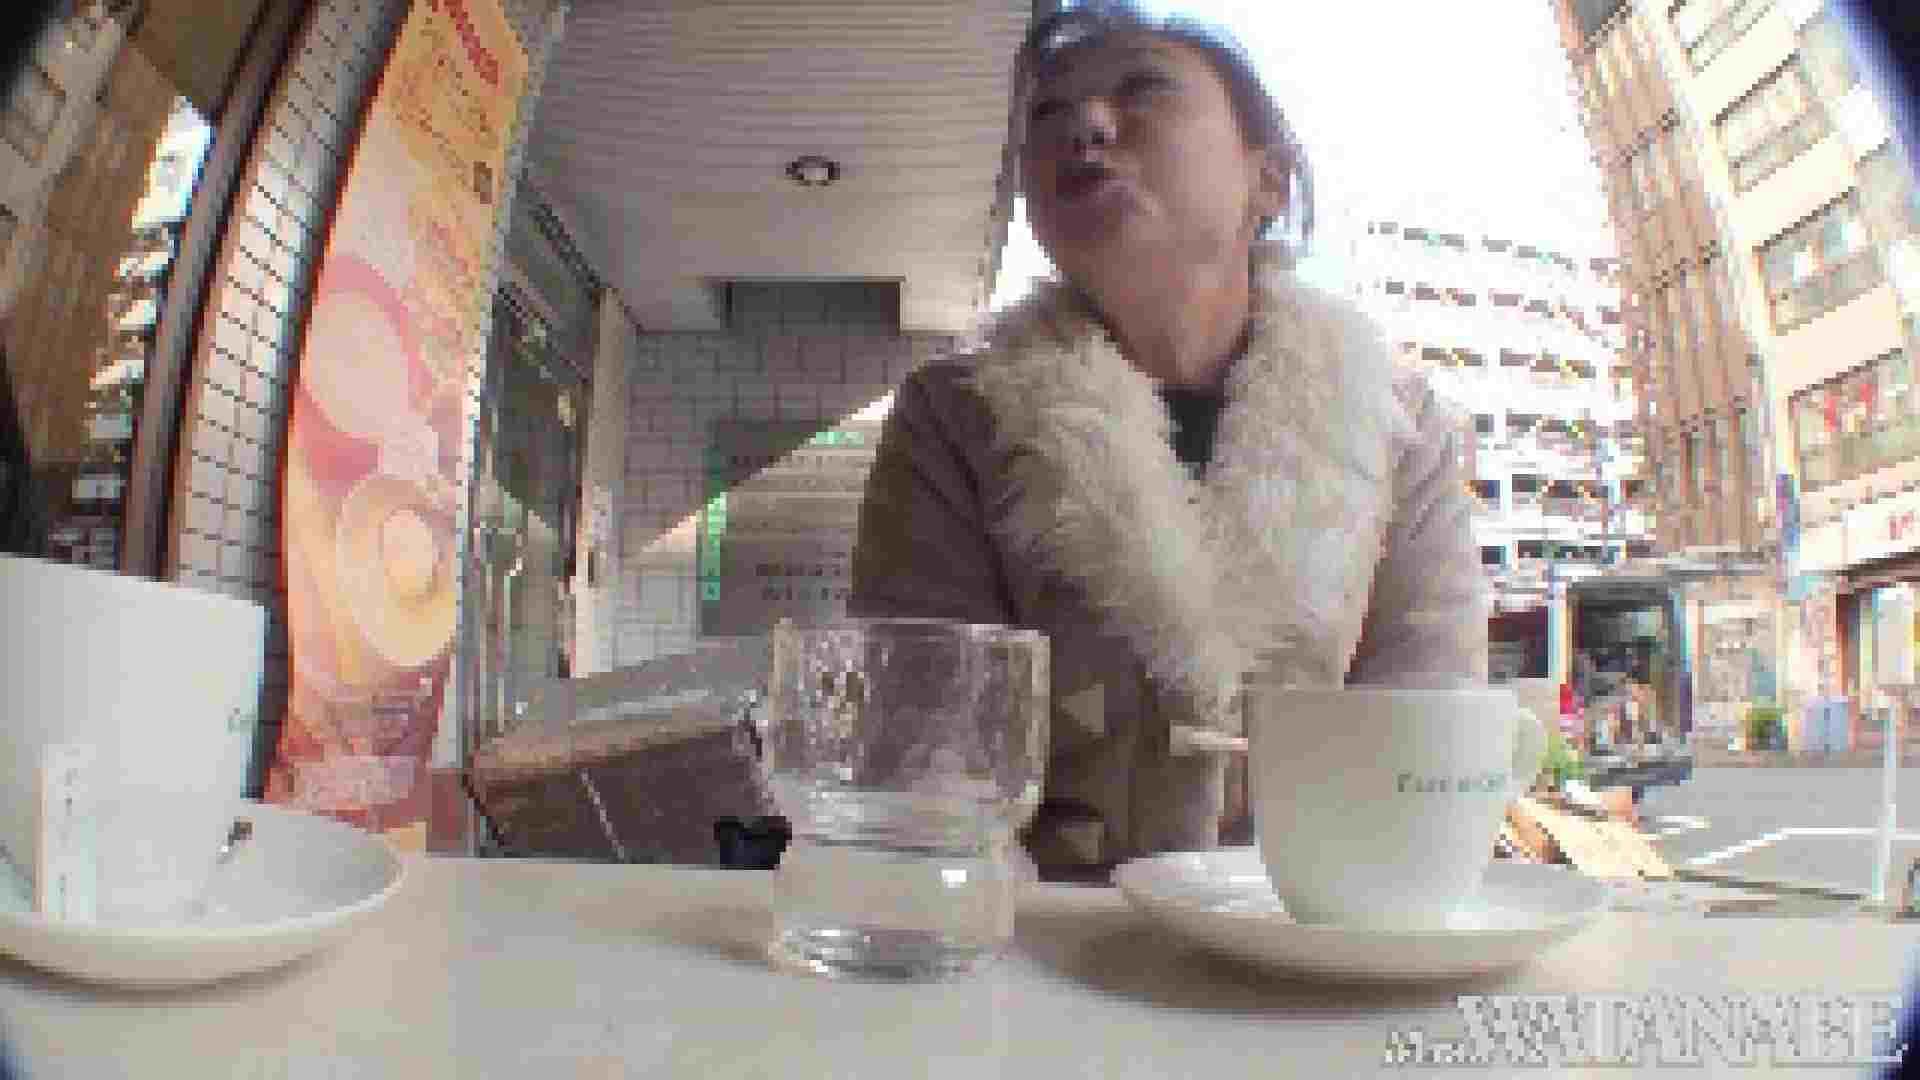 撮影スタッフを誘惑する痴熟女 かおり40歳 Vol.01 素人 オマンコ動画キャプチャ 82pic 58